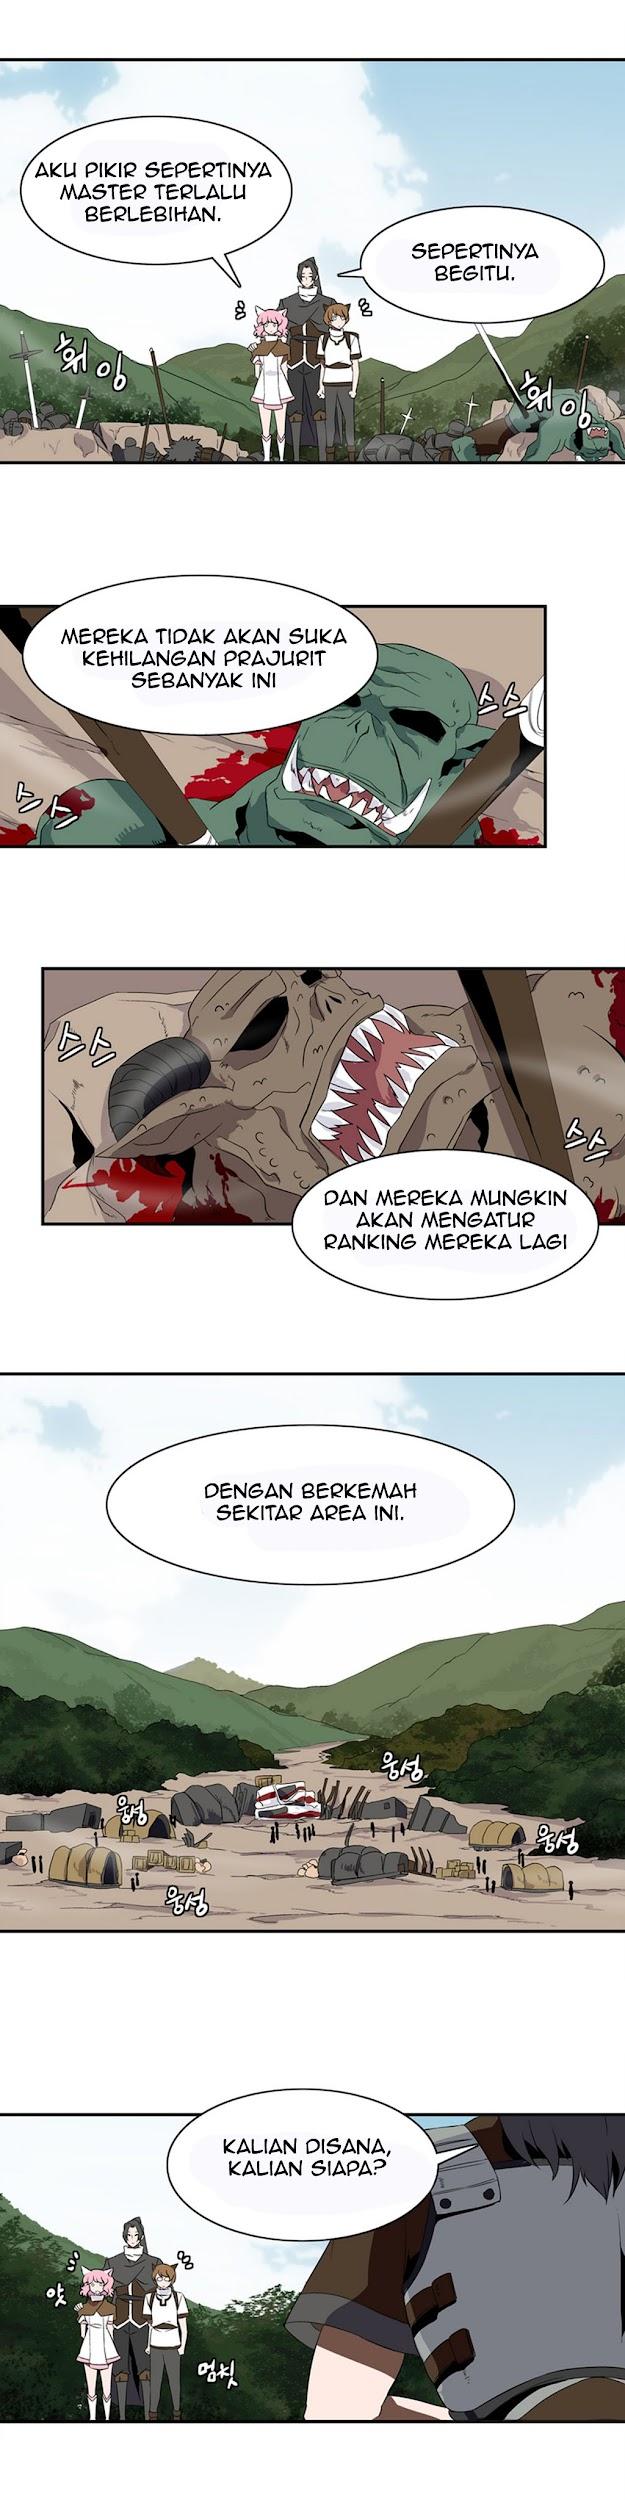 Dilarang COPAS - situs resmi www.mangacanblog.com - Komik wizardly tower 008 - chapter 8 9 Indonesia wizardly tower 008 - chapter 8 Terbaru 13|Baca Manga Komik Indonesia|Mangacan